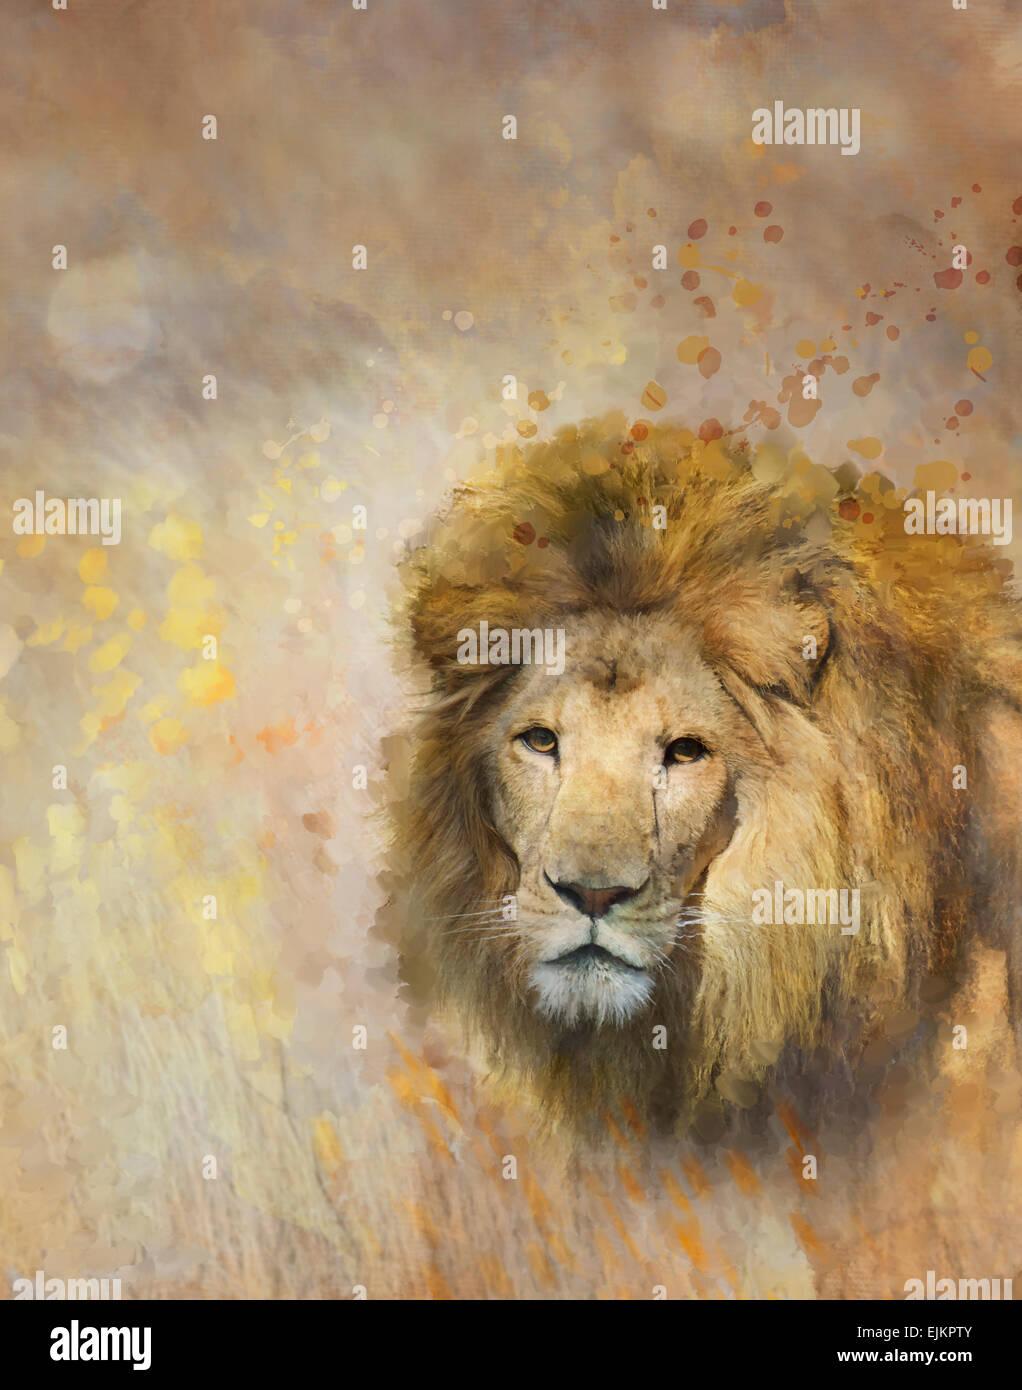 La pittura digitale di leone africano Immagini Stock